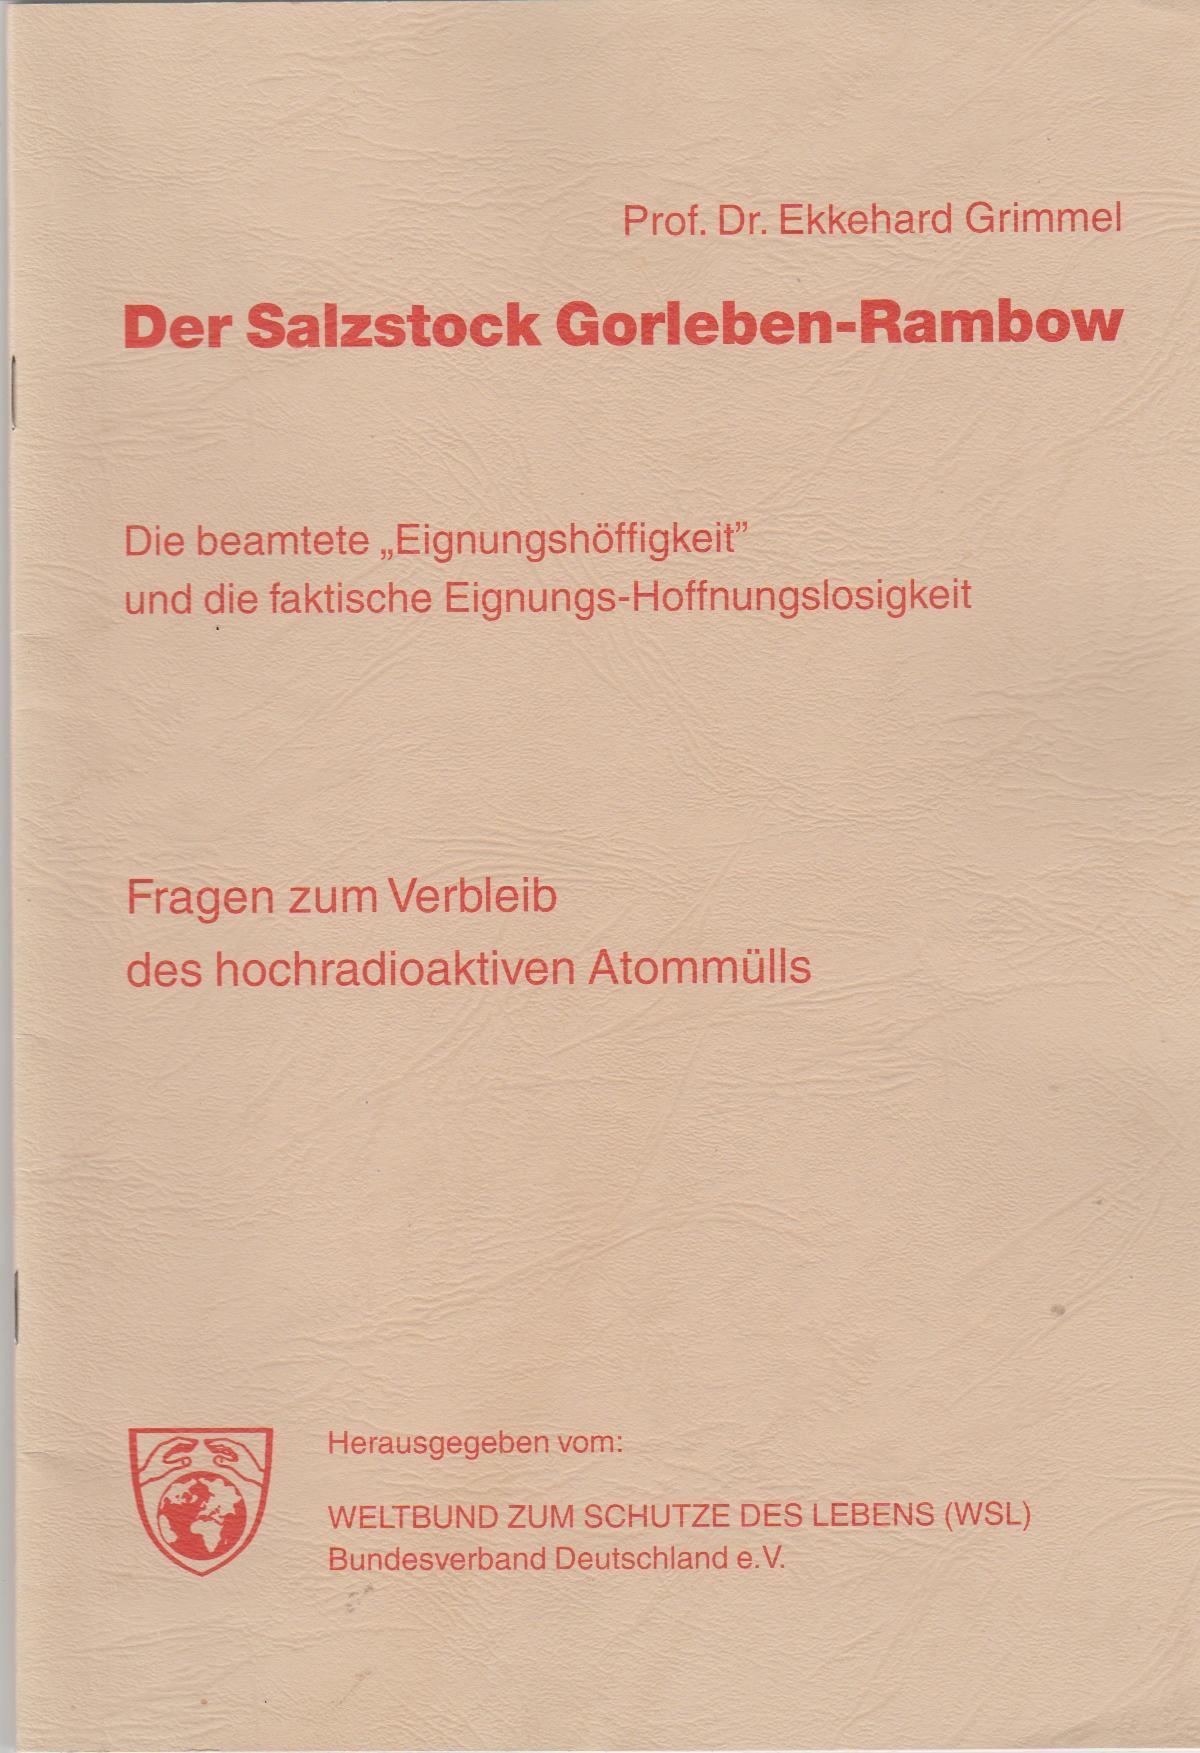 Die Der Salzstock Gorleben-Rambow: Fragen zum Verbleib des hochradioaktiven Atommülls